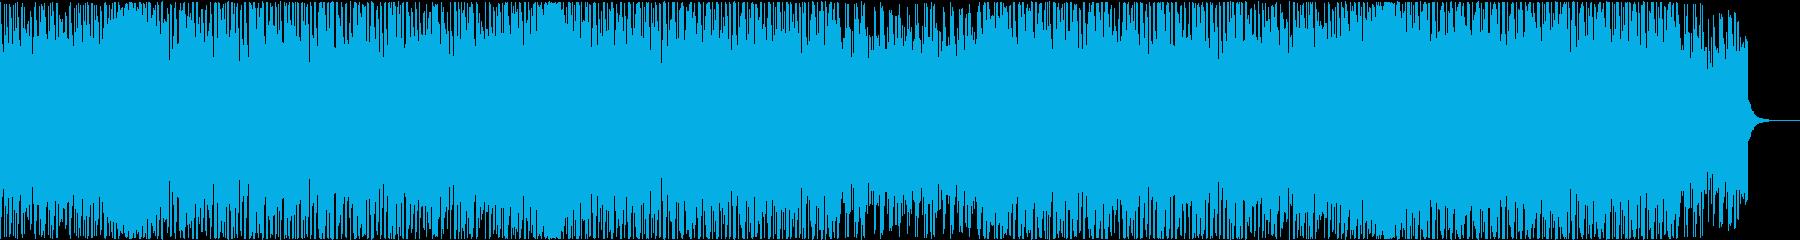 シンセ、4つ打ち、疾走感、アップテンポの再生済みの波形